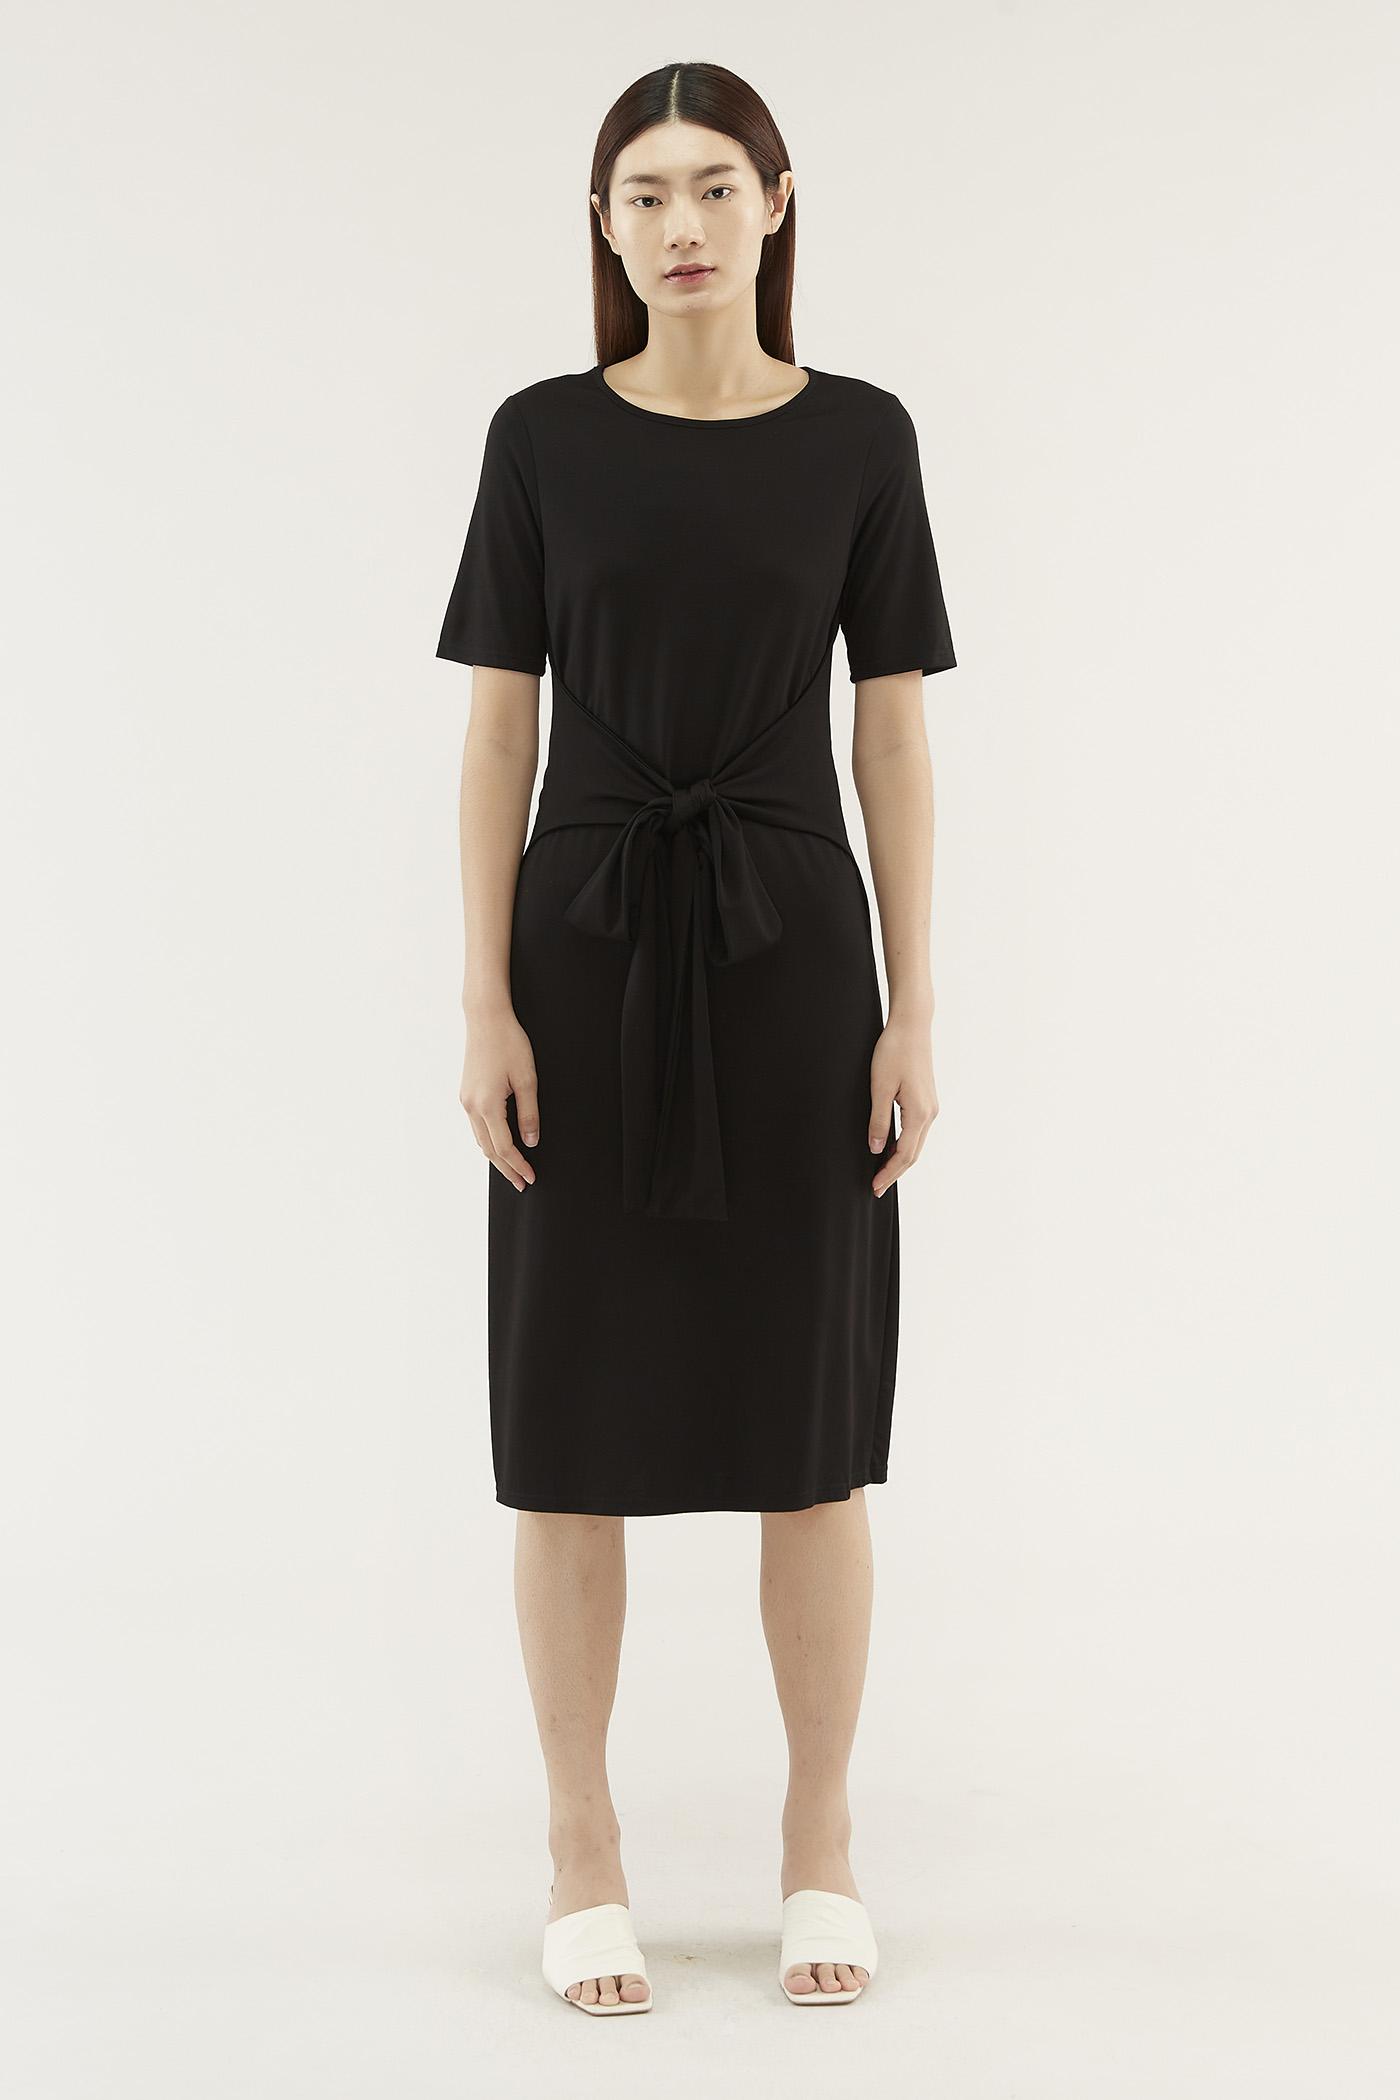 Breona Sash-tie Dress